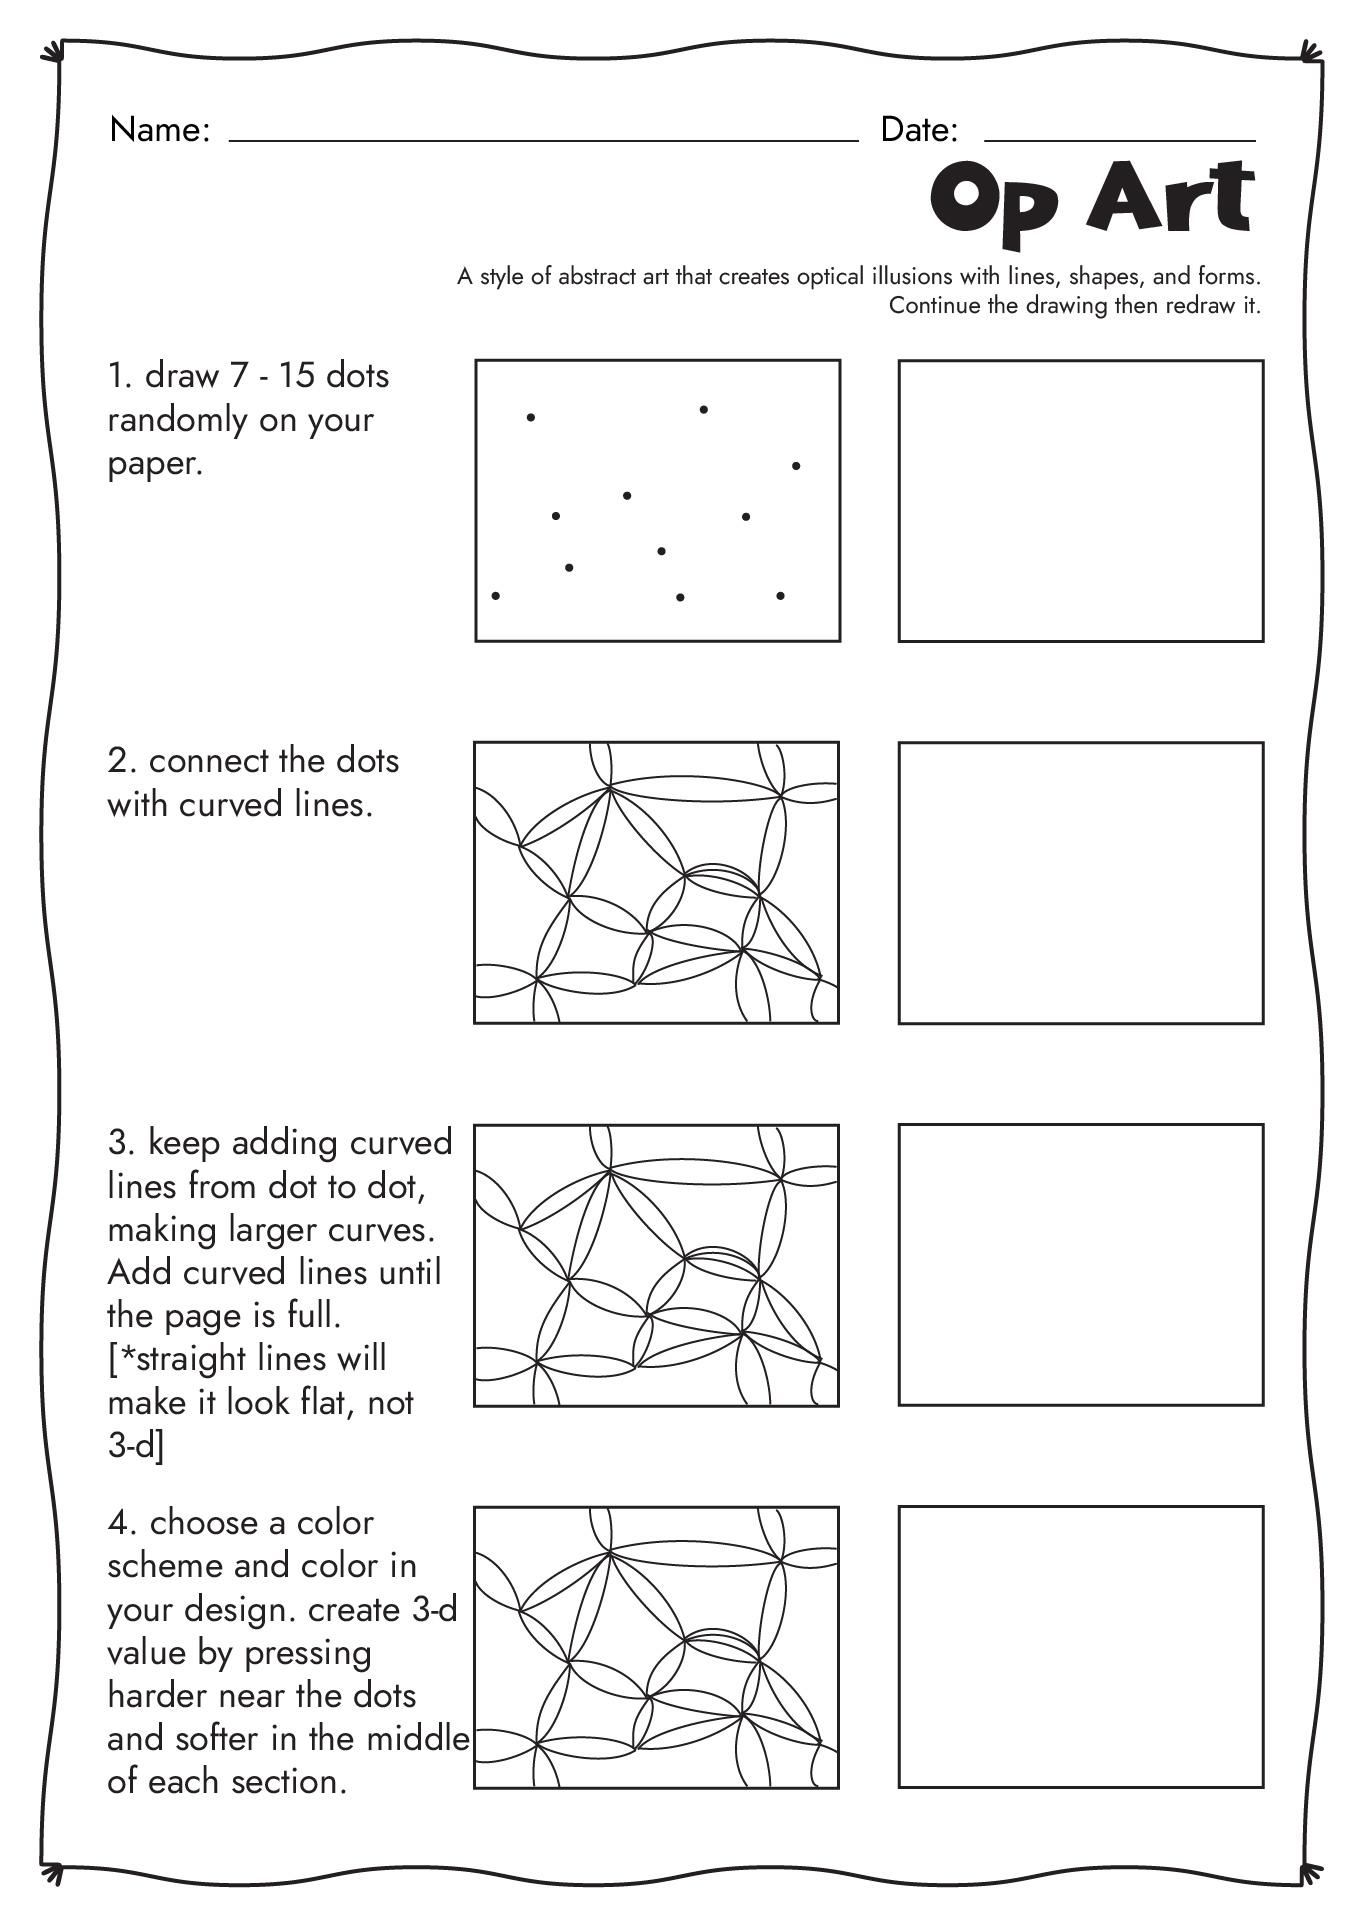 19 Best Images Of Op Art Worksheets Printable